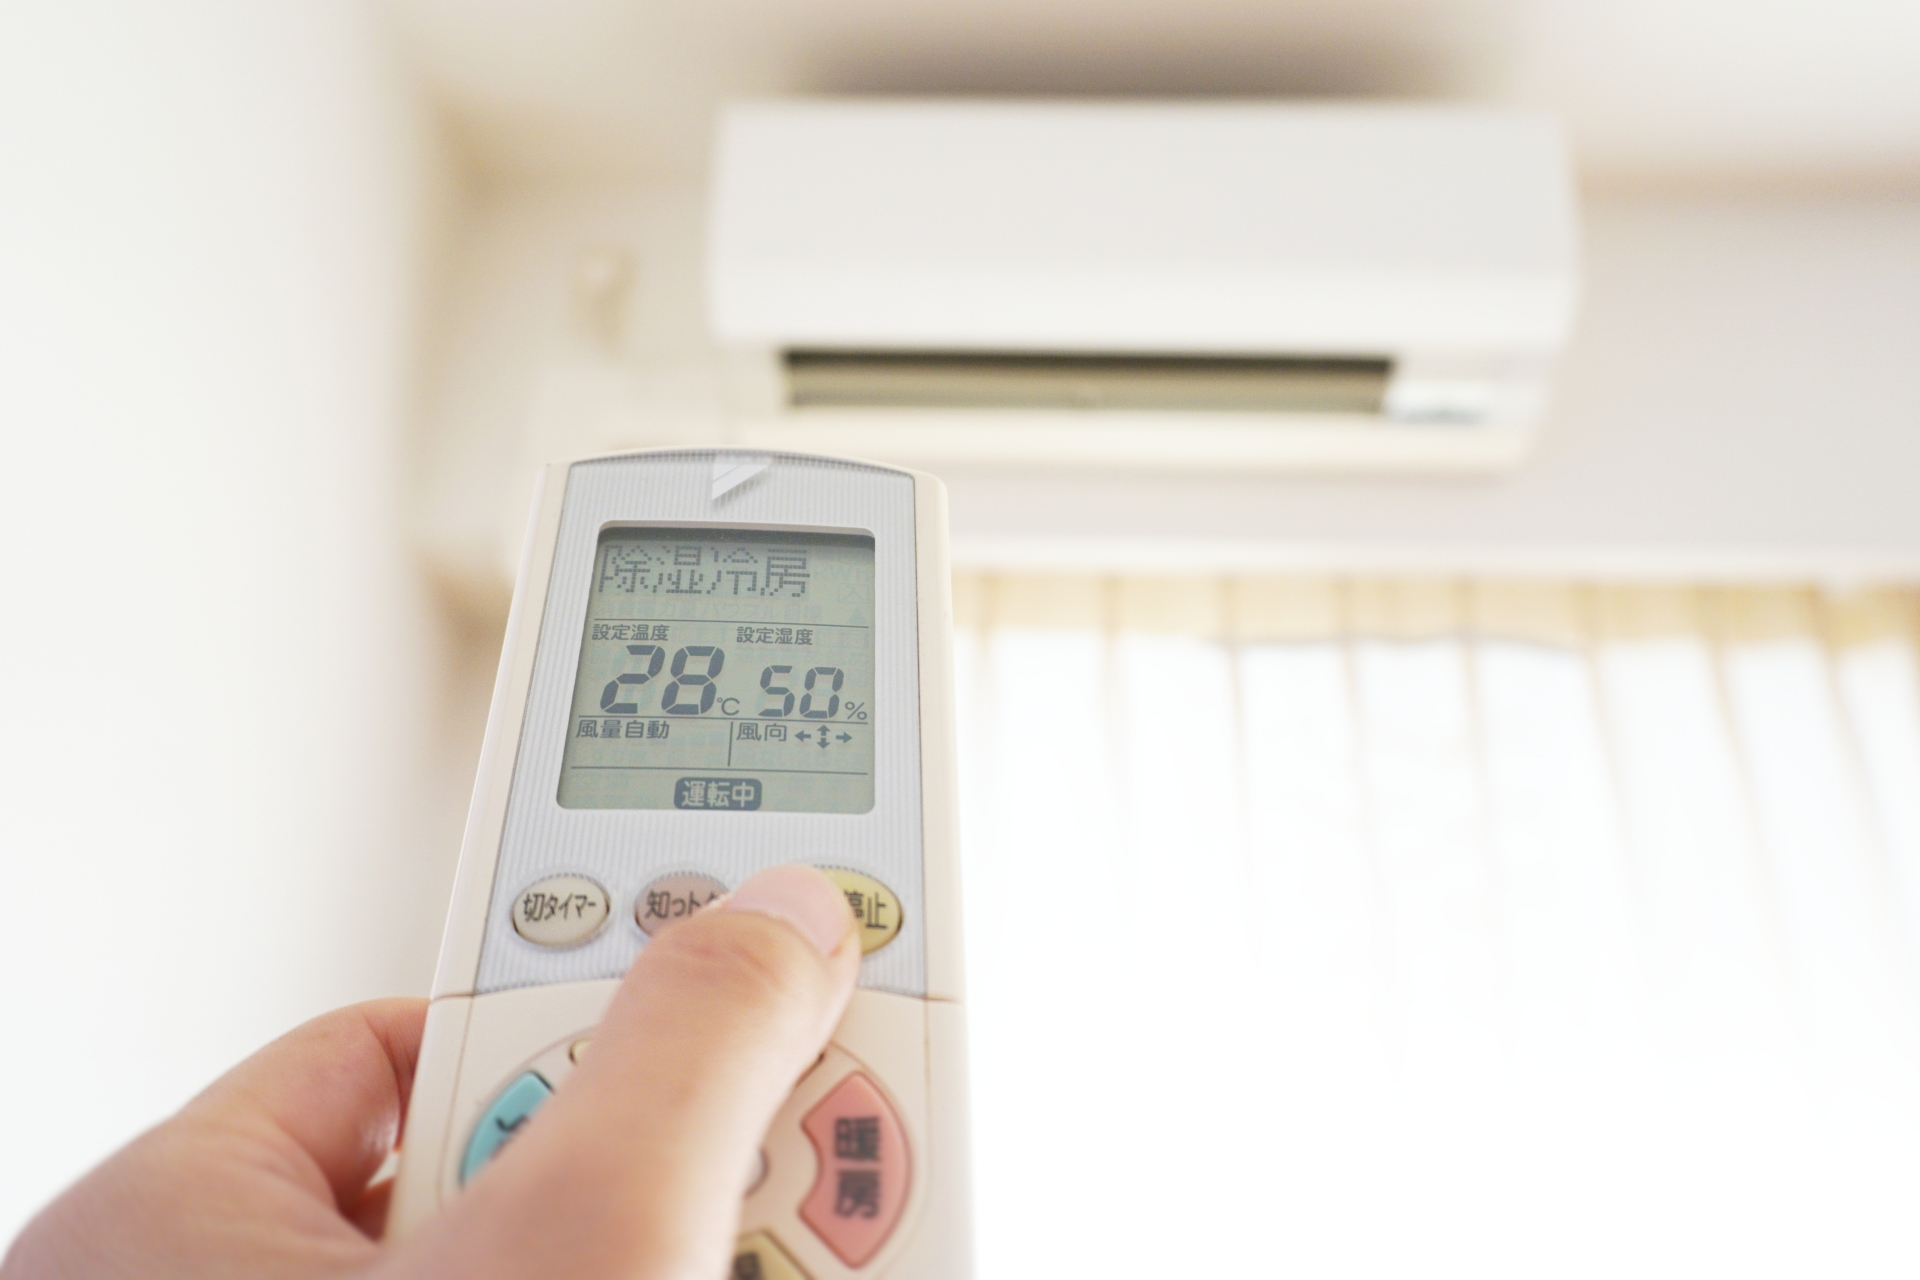 エアコンの設定温度 28度